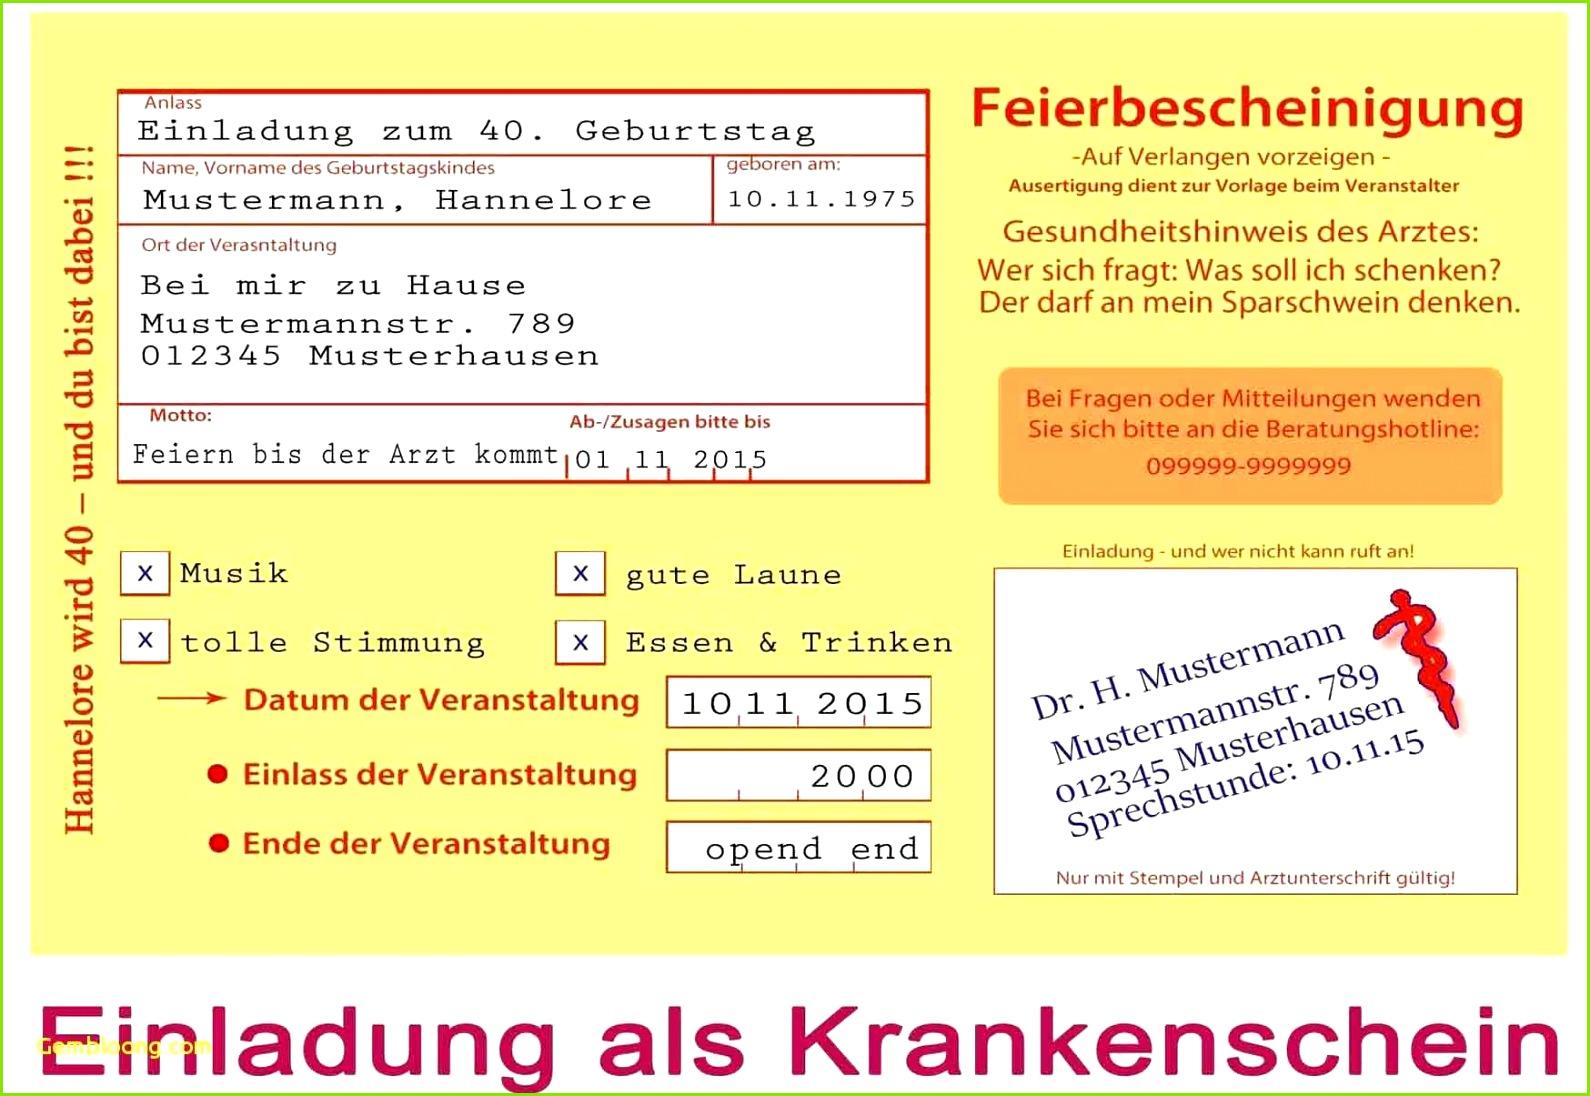 Kinokarte Vorlage Zum Ausdrucken Die Besten Geburtstagskarten Einladungen Elegant Einladungskarten Vorlagen Editierbar Kinokarte Vorlage Zum